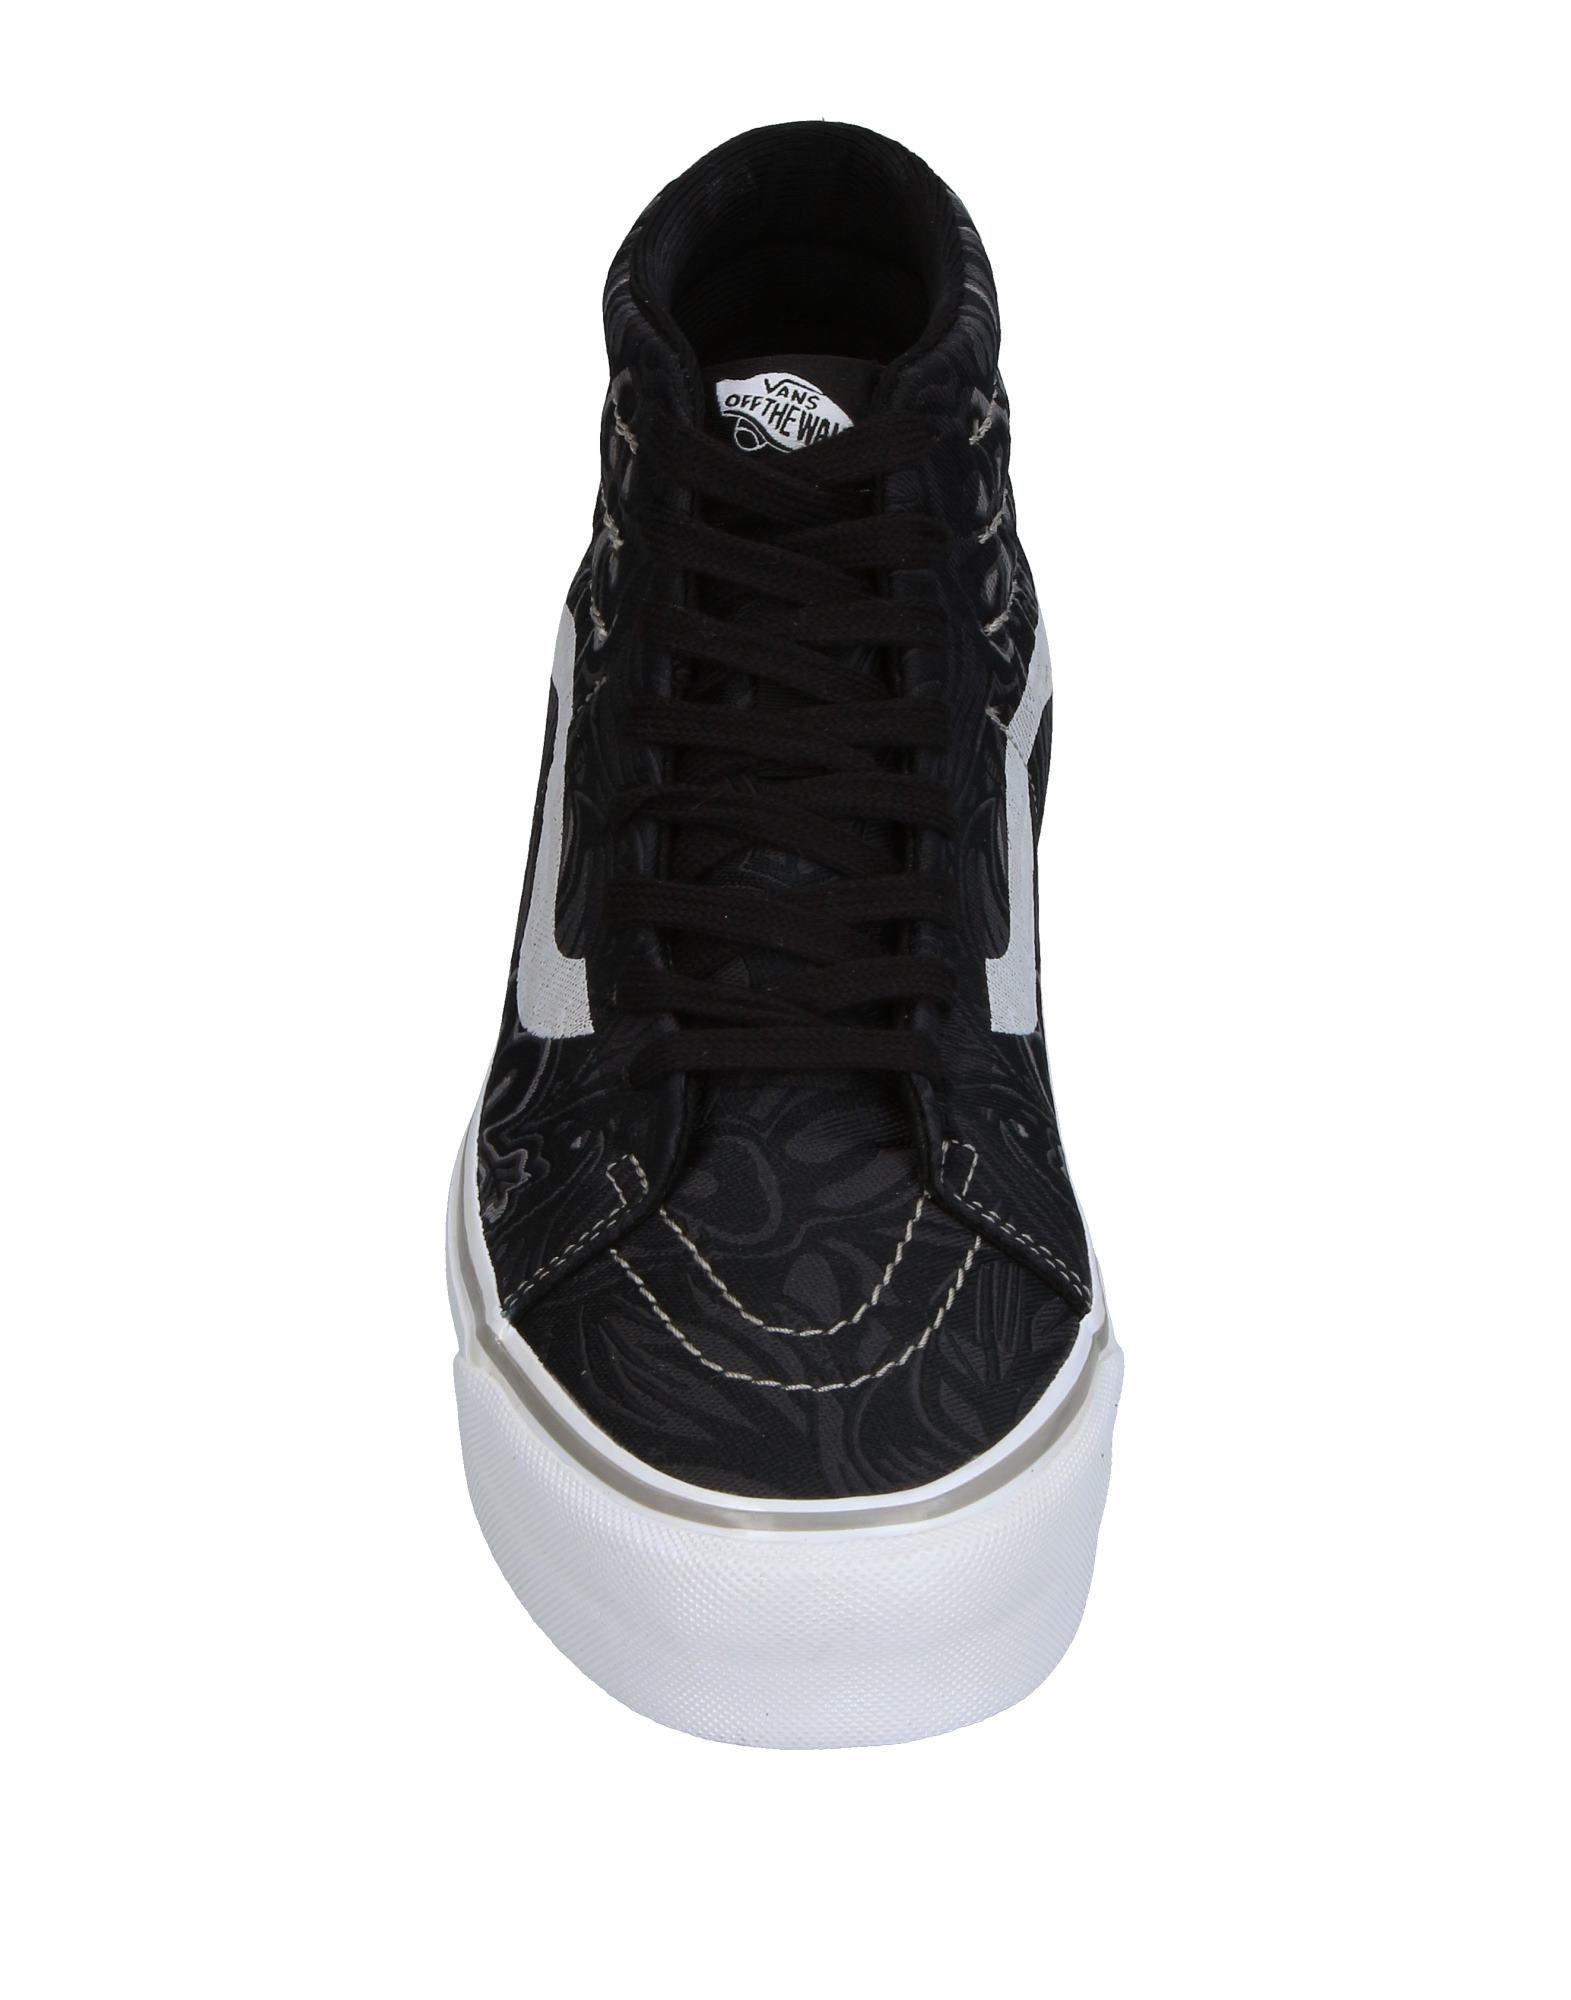 Rabatt  echte Schuhe Vans Sneakers Herren  Rabatt 11384298GF bbd929